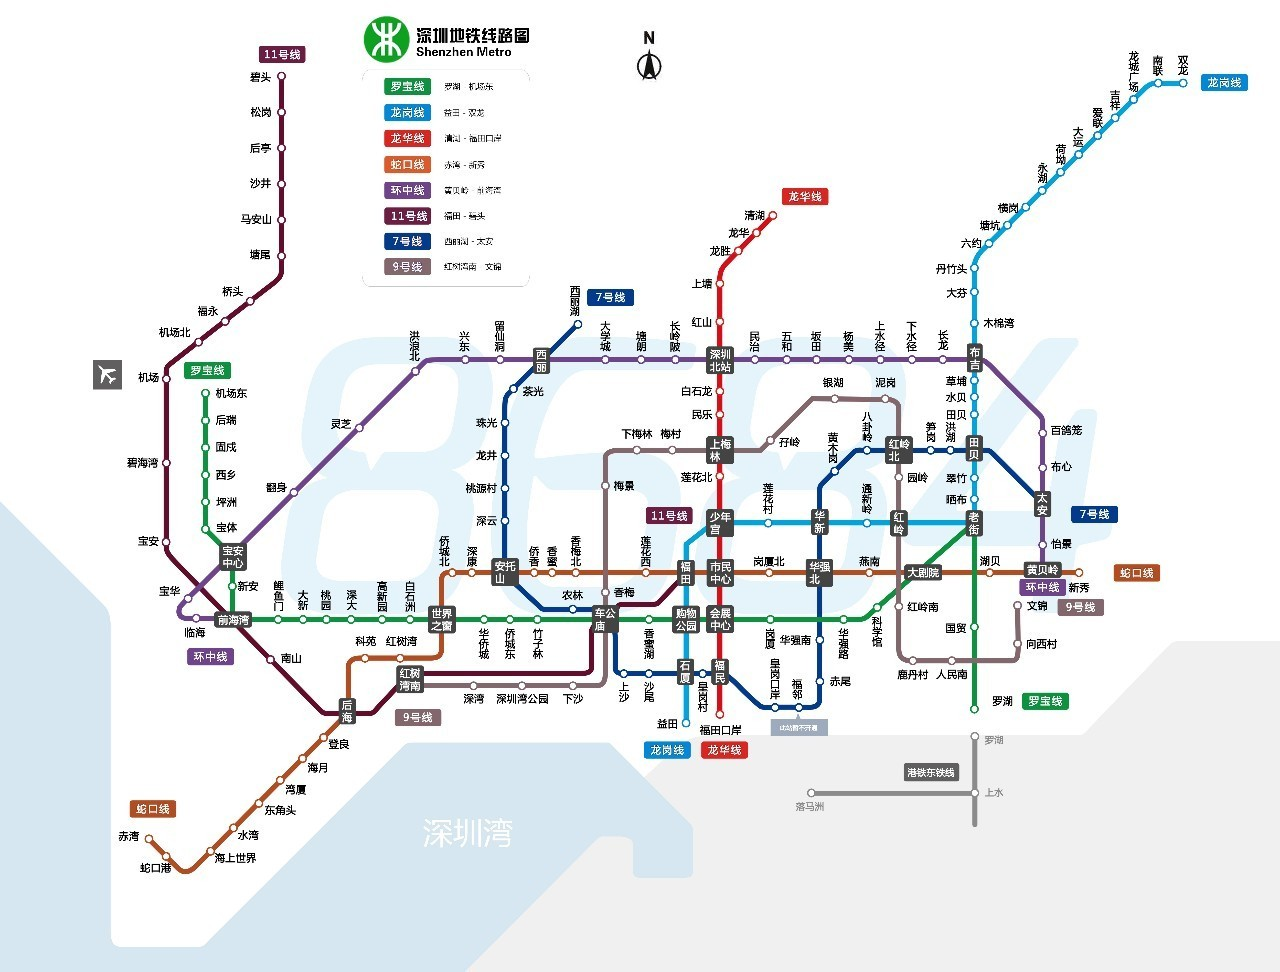 深圳地图线路_深圳5大地铁沿线,超实用美食游玩攻略!逛吃两不误!